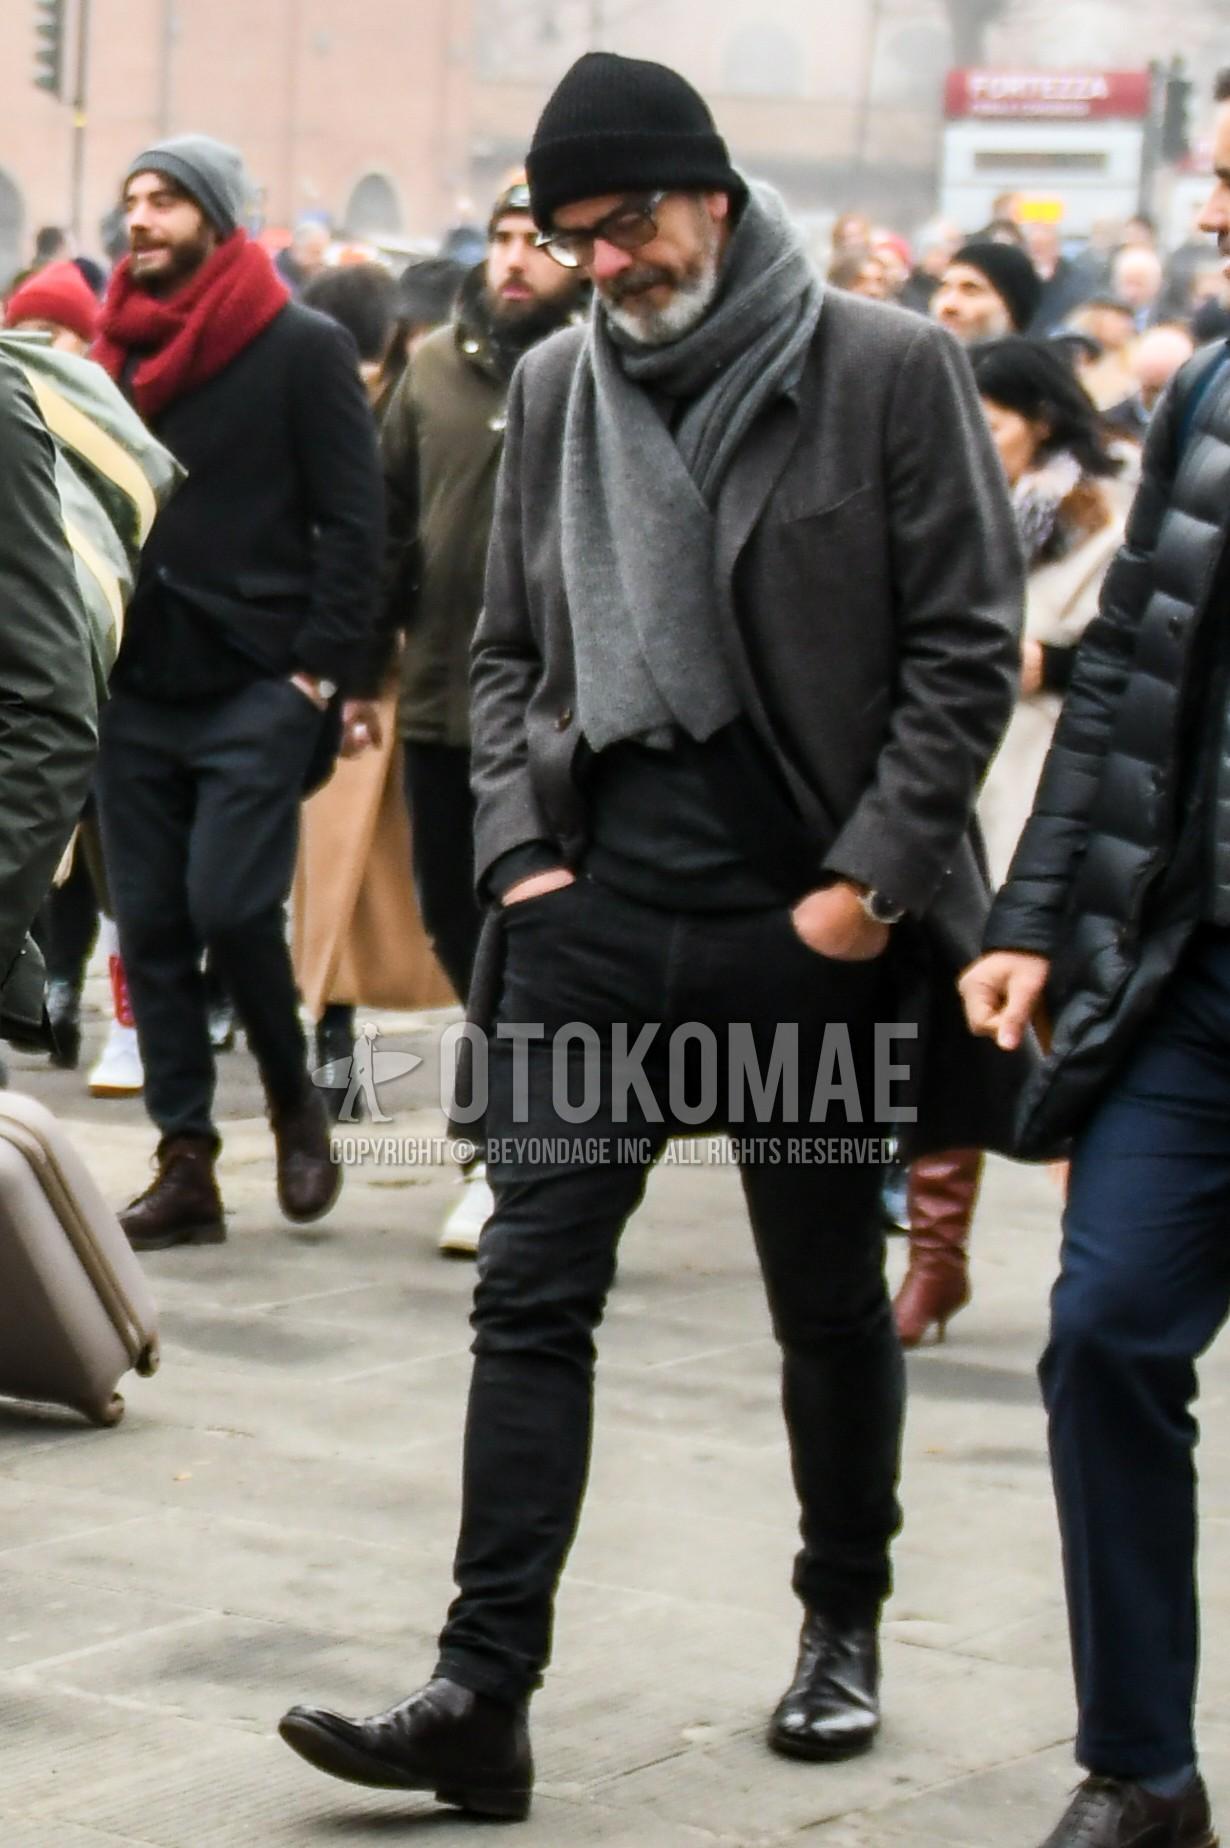 黒無地のニットキャップ、無地のメガネ、ダークグレー無地のマフラー/ストール、ダークグレー無地のチェスターコート、黒無地のセーター、黒無地のデニム/ジーンズ、黒無地のスキニーパンツ、黒サイドゴアのブーツを合わせた冬のメンズコーデ・着こなし。